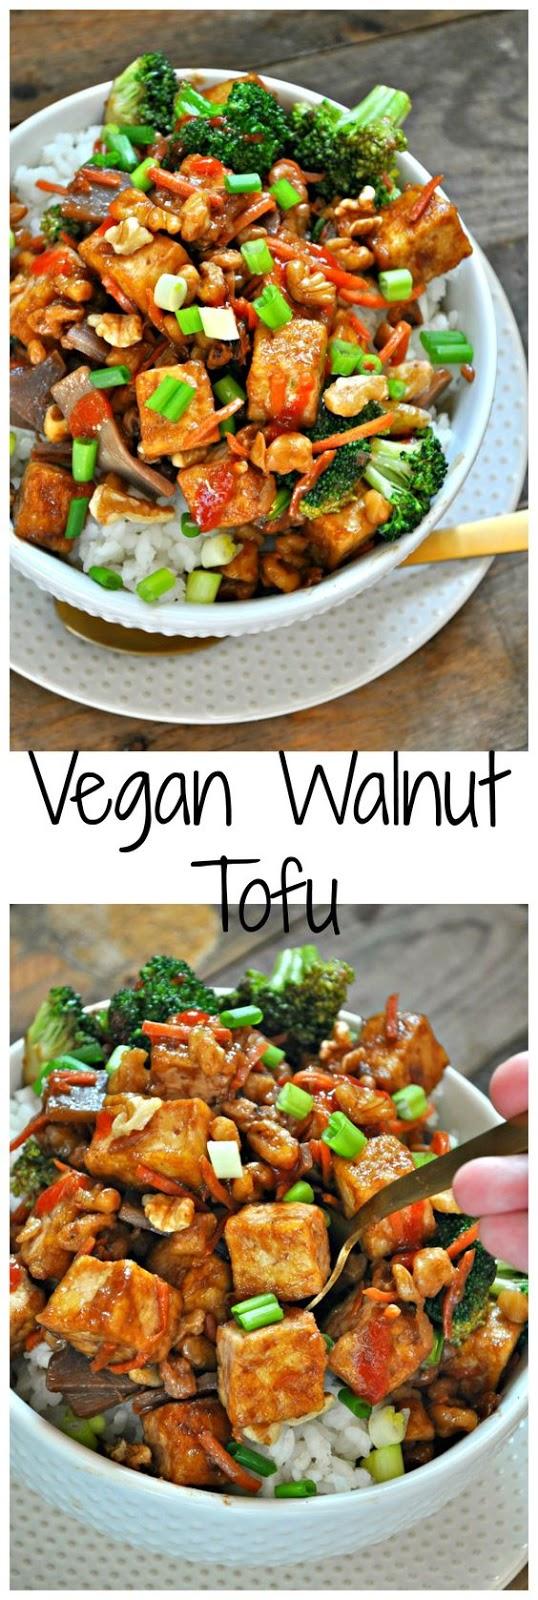 Vegan One Pot Mushroom Tetrazzini